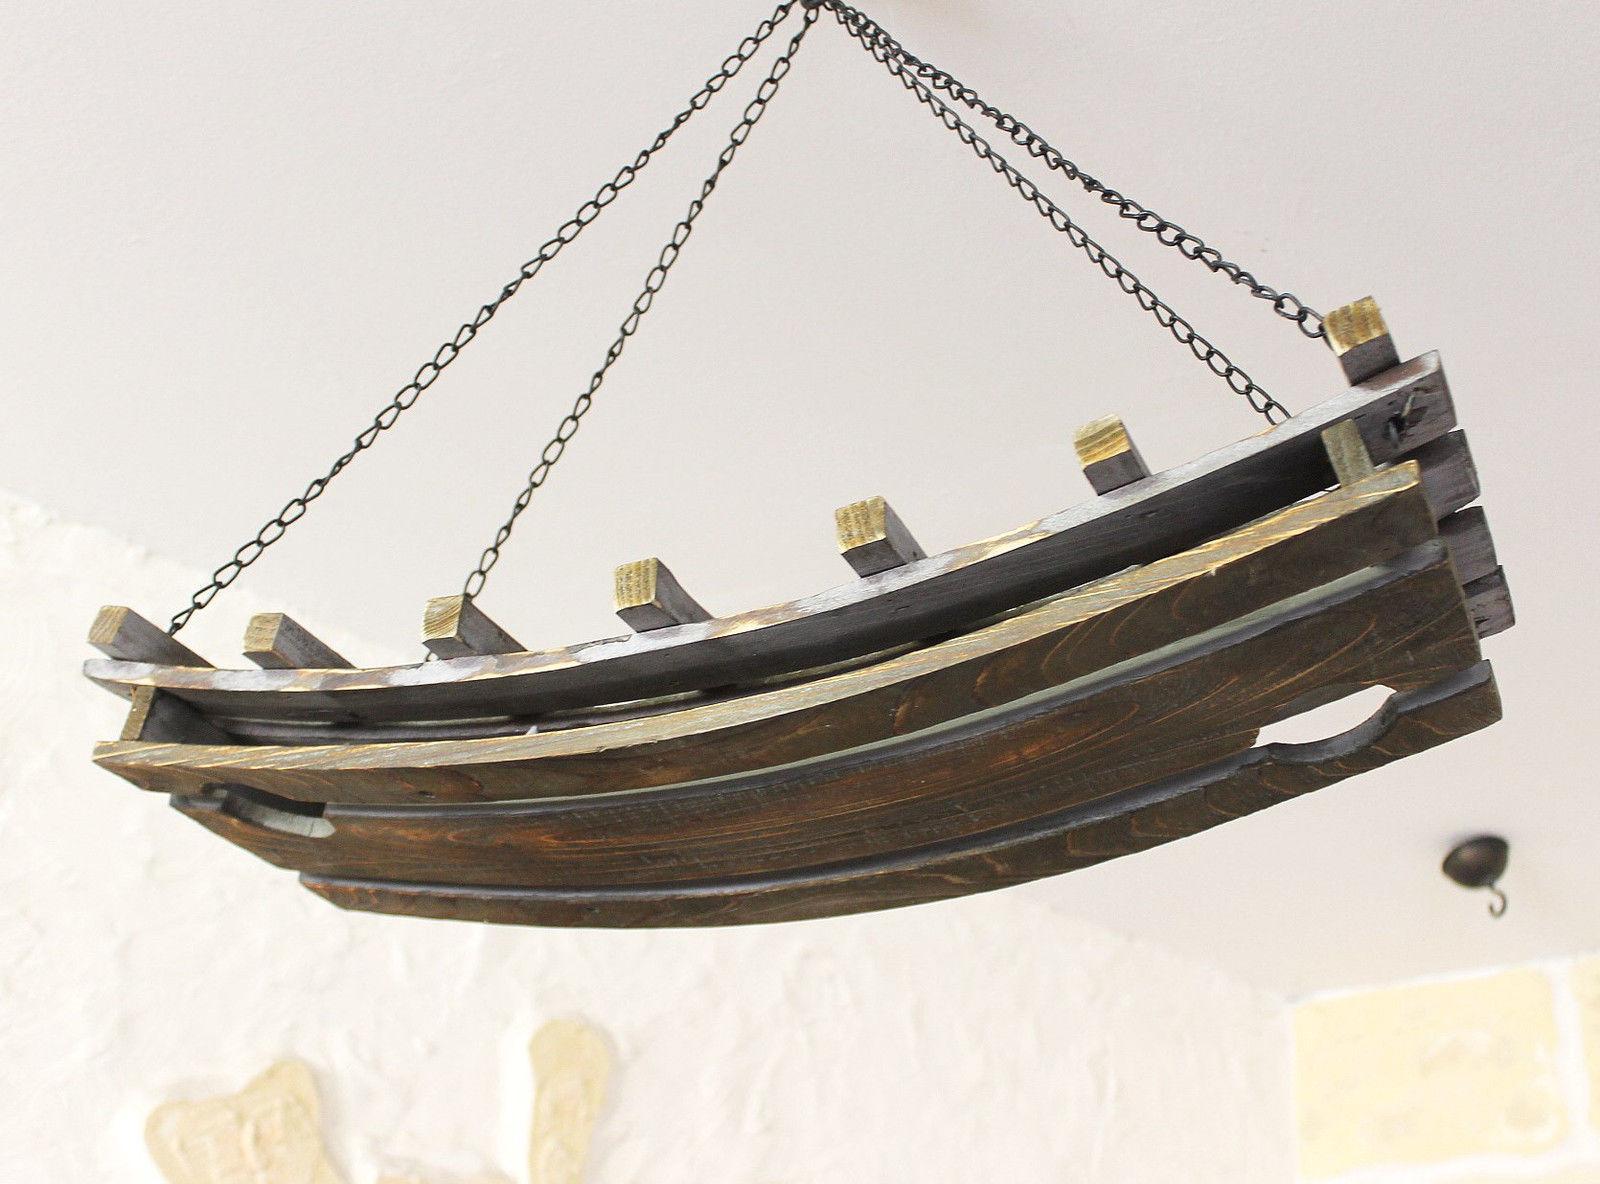 Hängeregal Decke.Details Zu Weinregal Deckenregal Holz 65cm Hängeregal Flaschenhalter Flaschenregal Decke